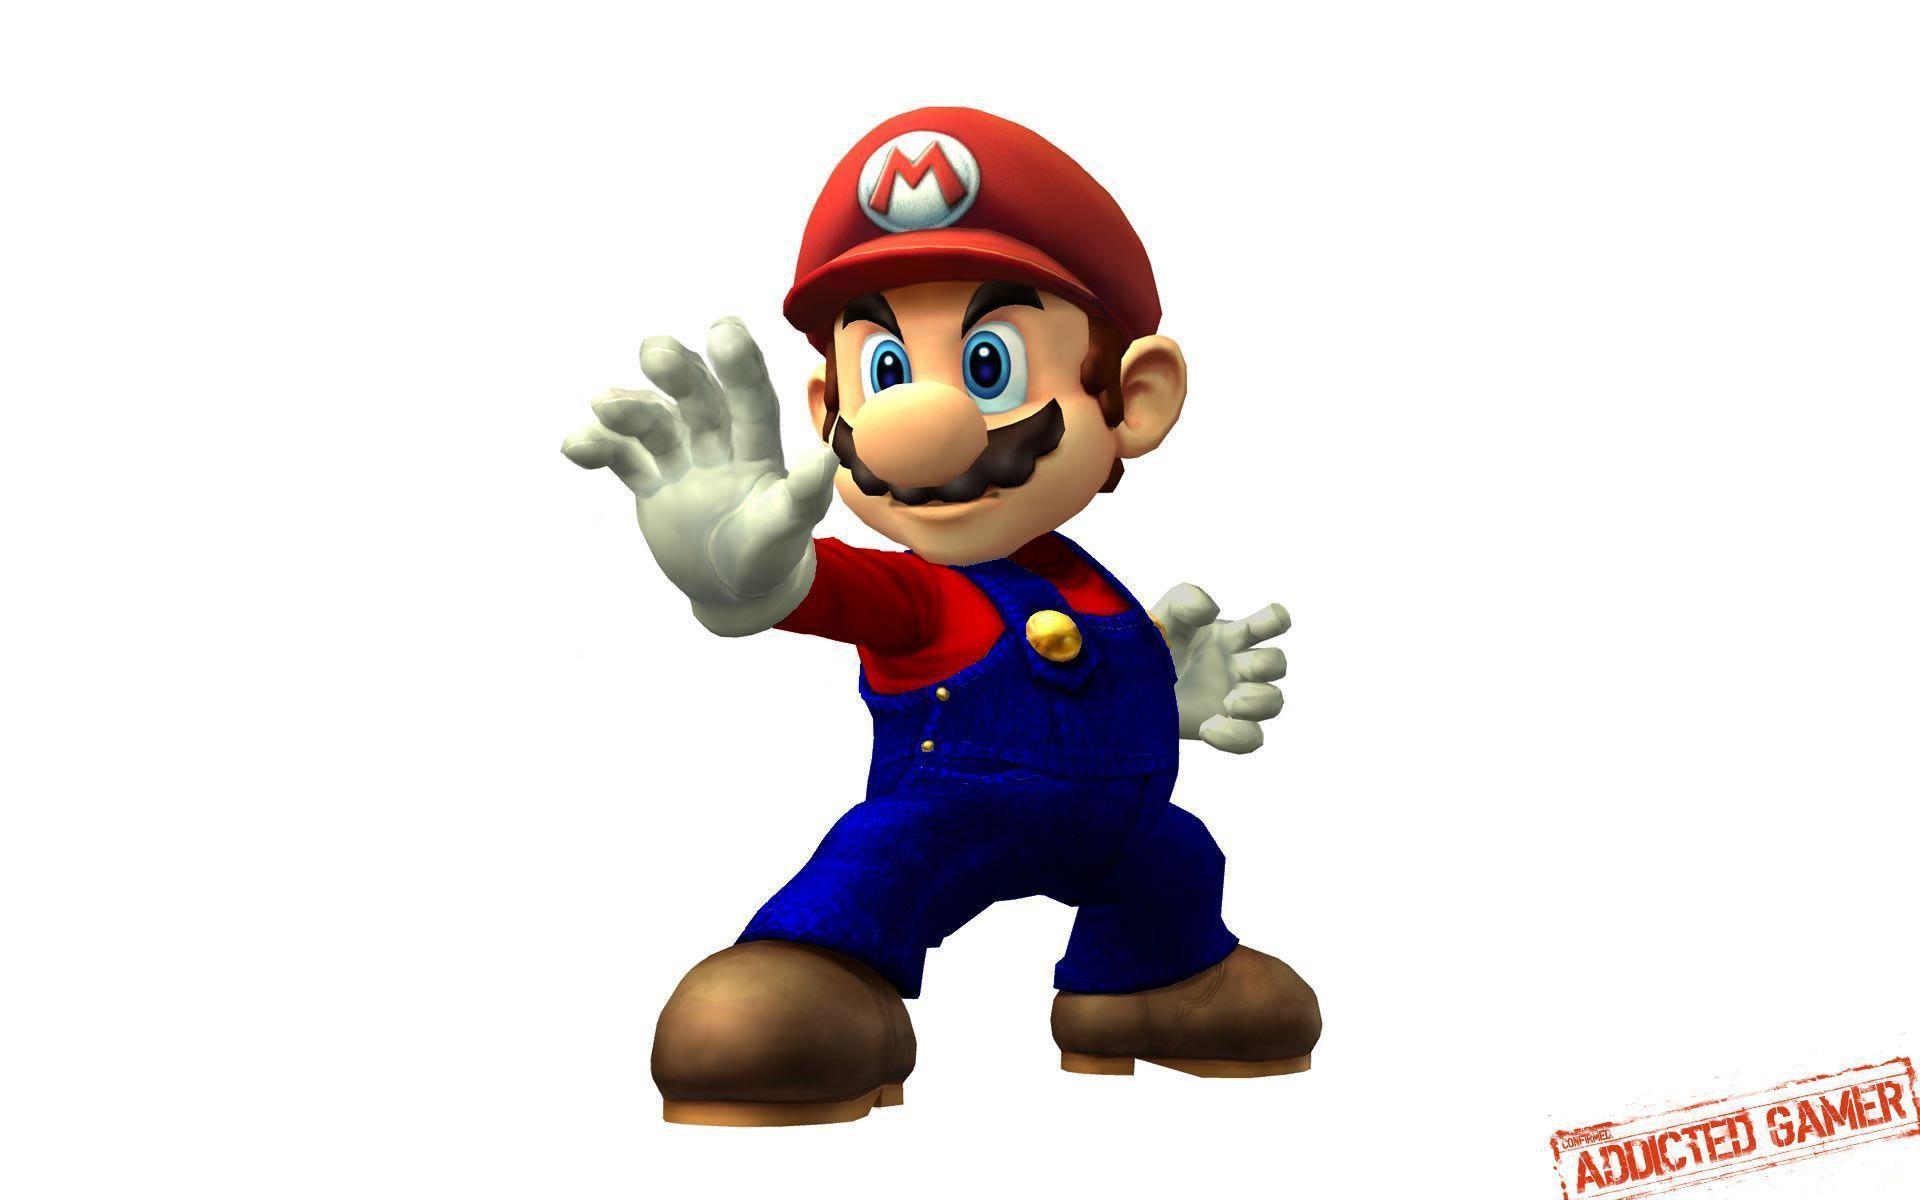 Super Mario wallpaper - 95626